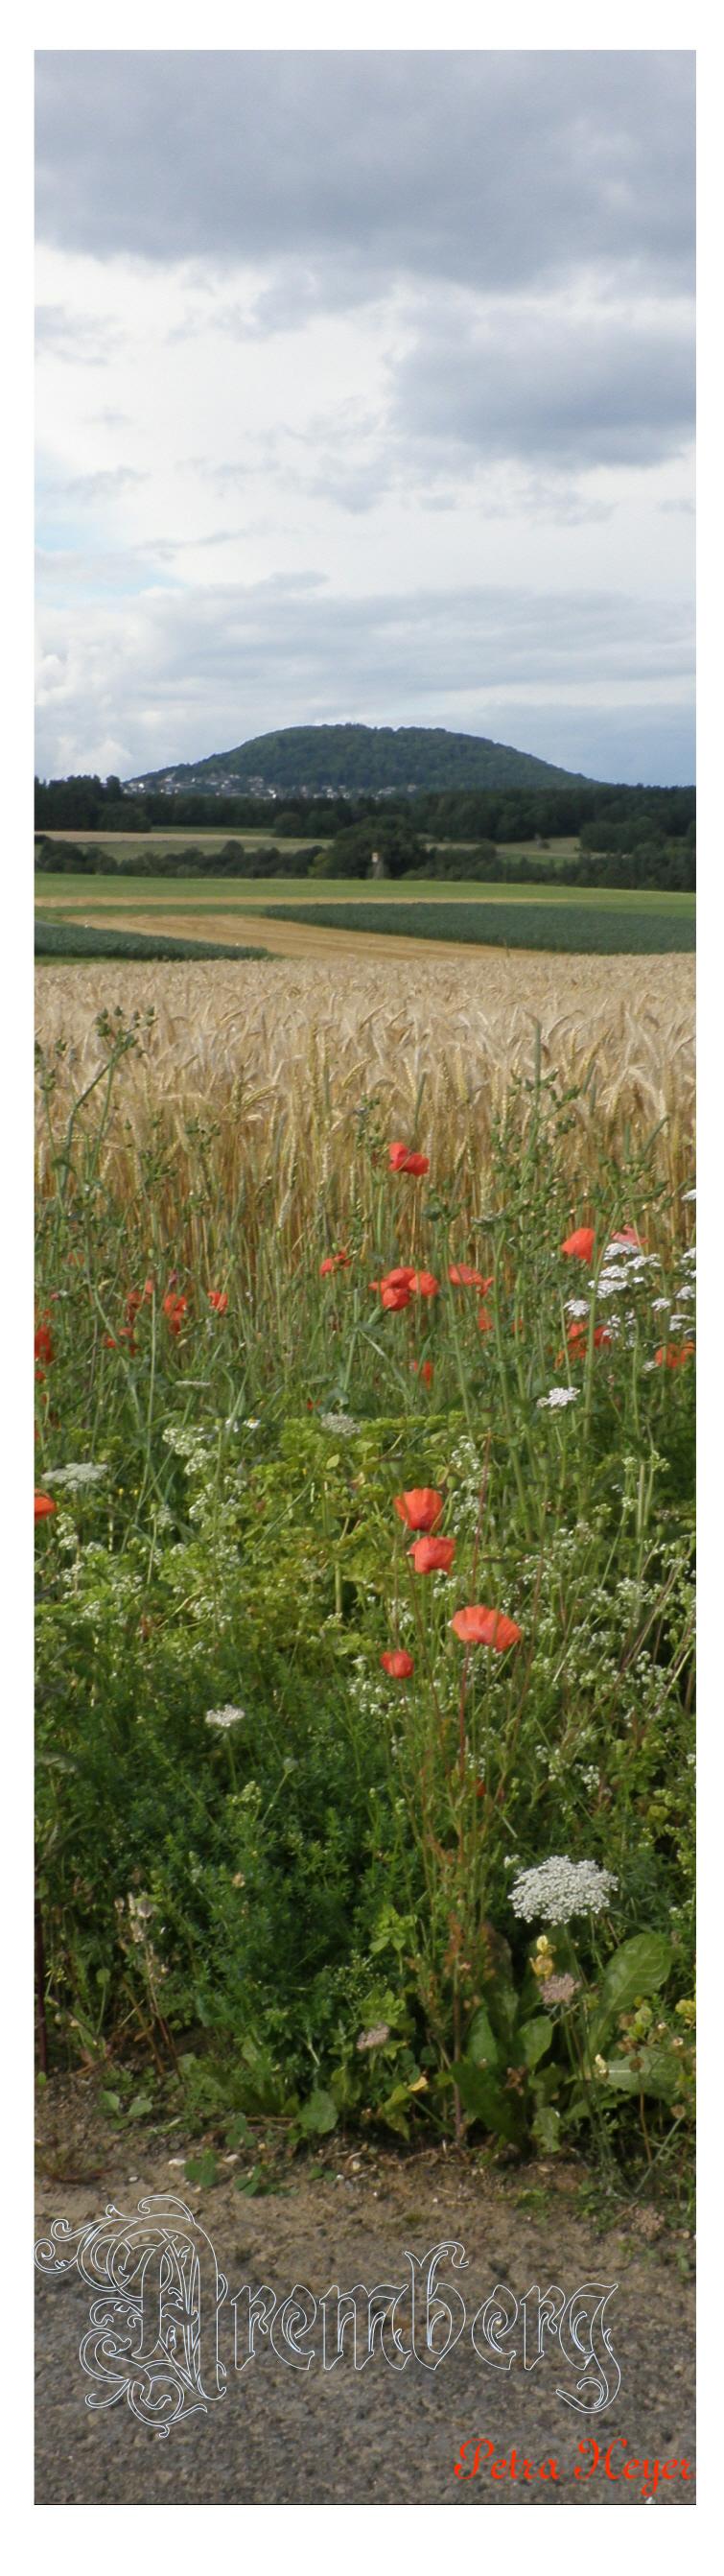 Der Aremberg in der Eifel. Das Getreide ist fast reif und der Klatschmohn blüht.